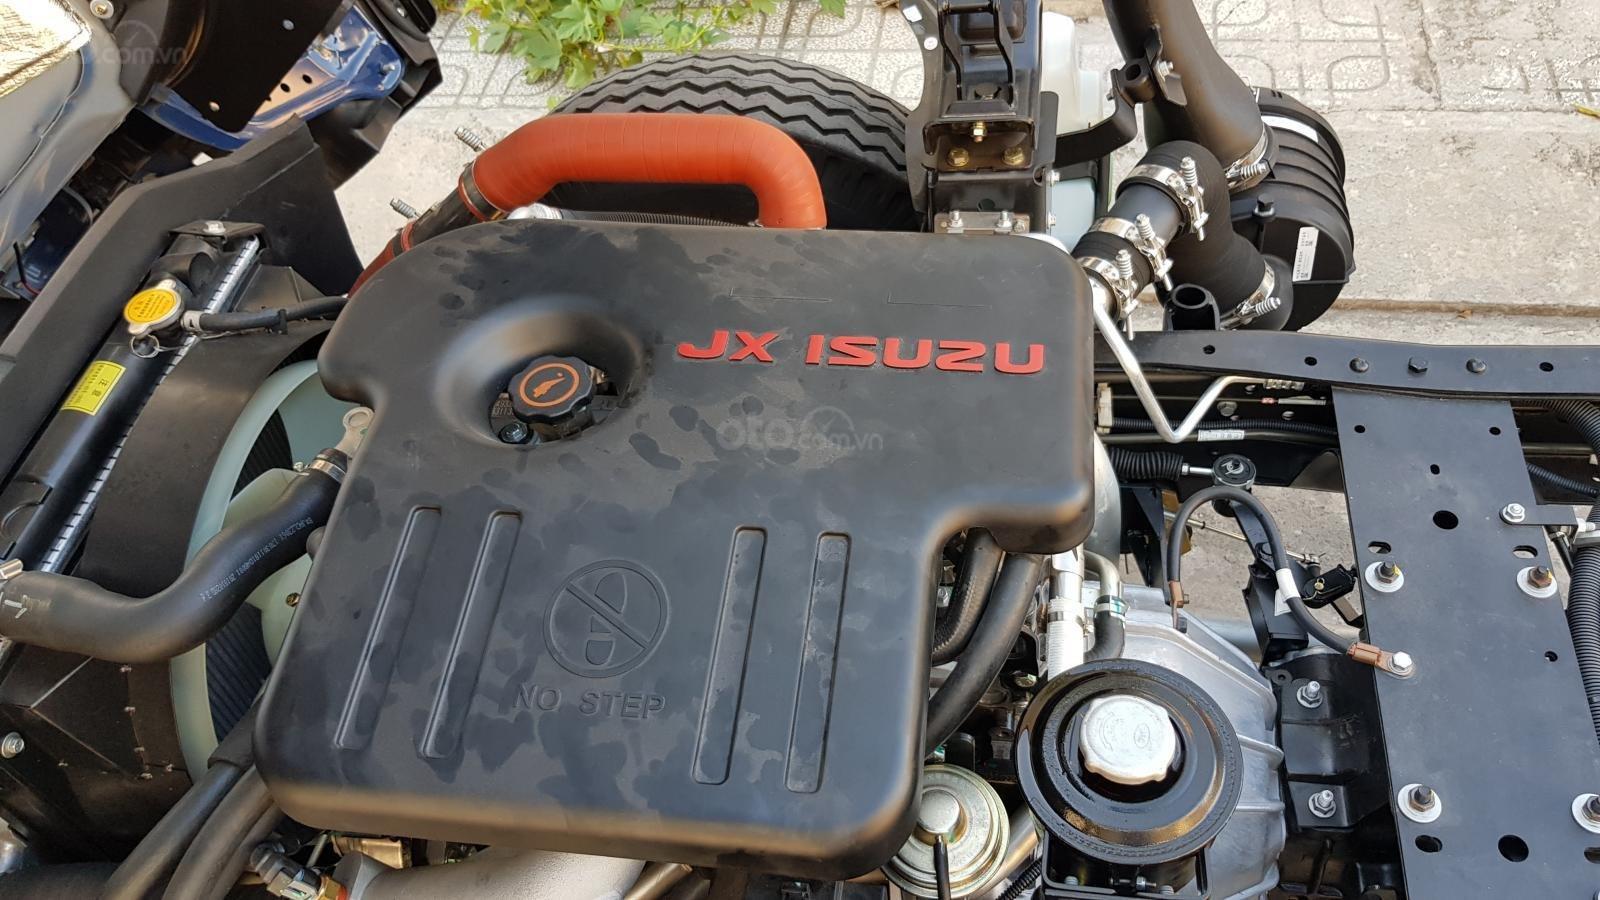 Bán xe Nhật máy Isuzu 2T4 thùng 4.4 mét lắp ráp nhà máy JAC khuyến mãi 20 triệu-3